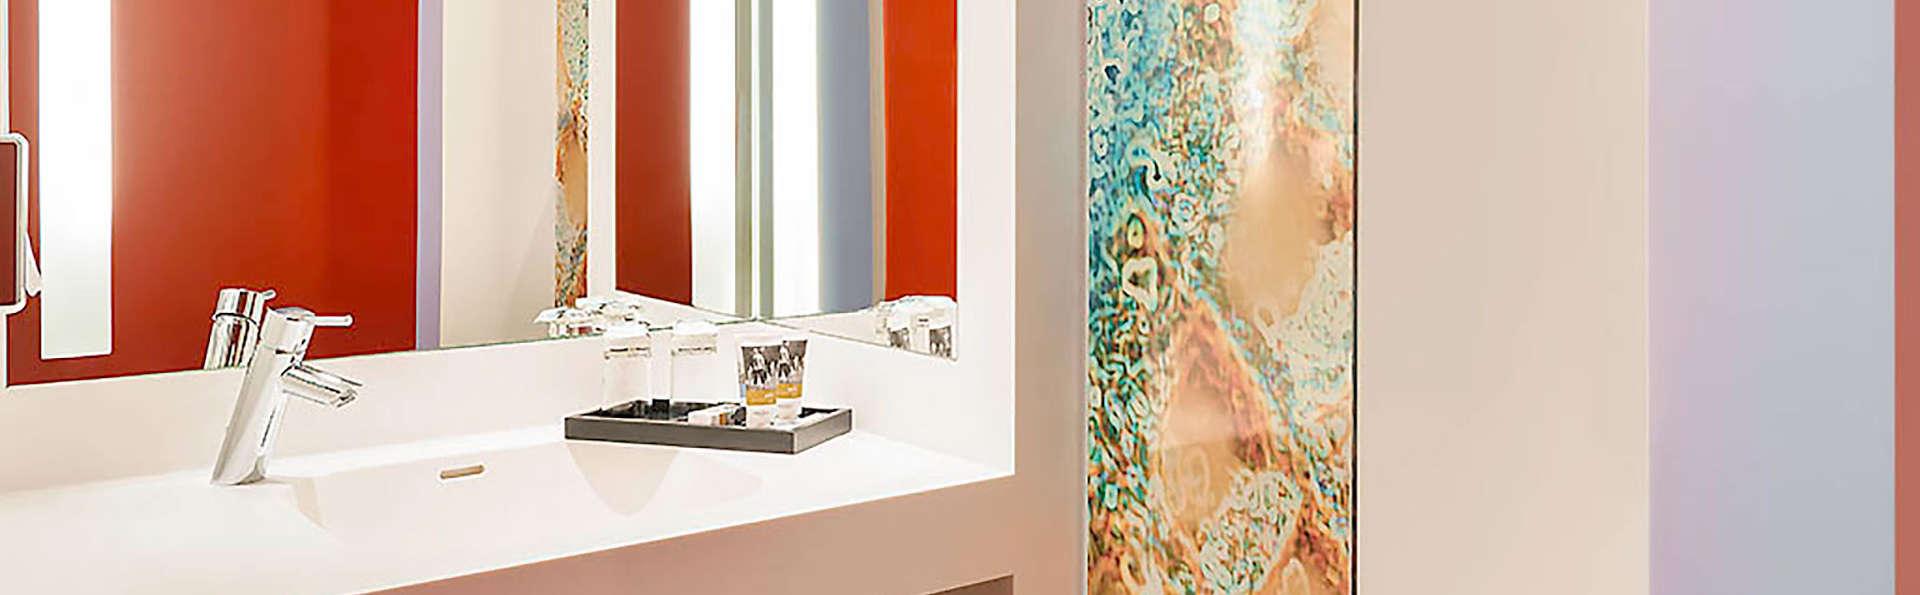 Mercure Lille Centre Vieux Lille - EDIT_bath1.jpg